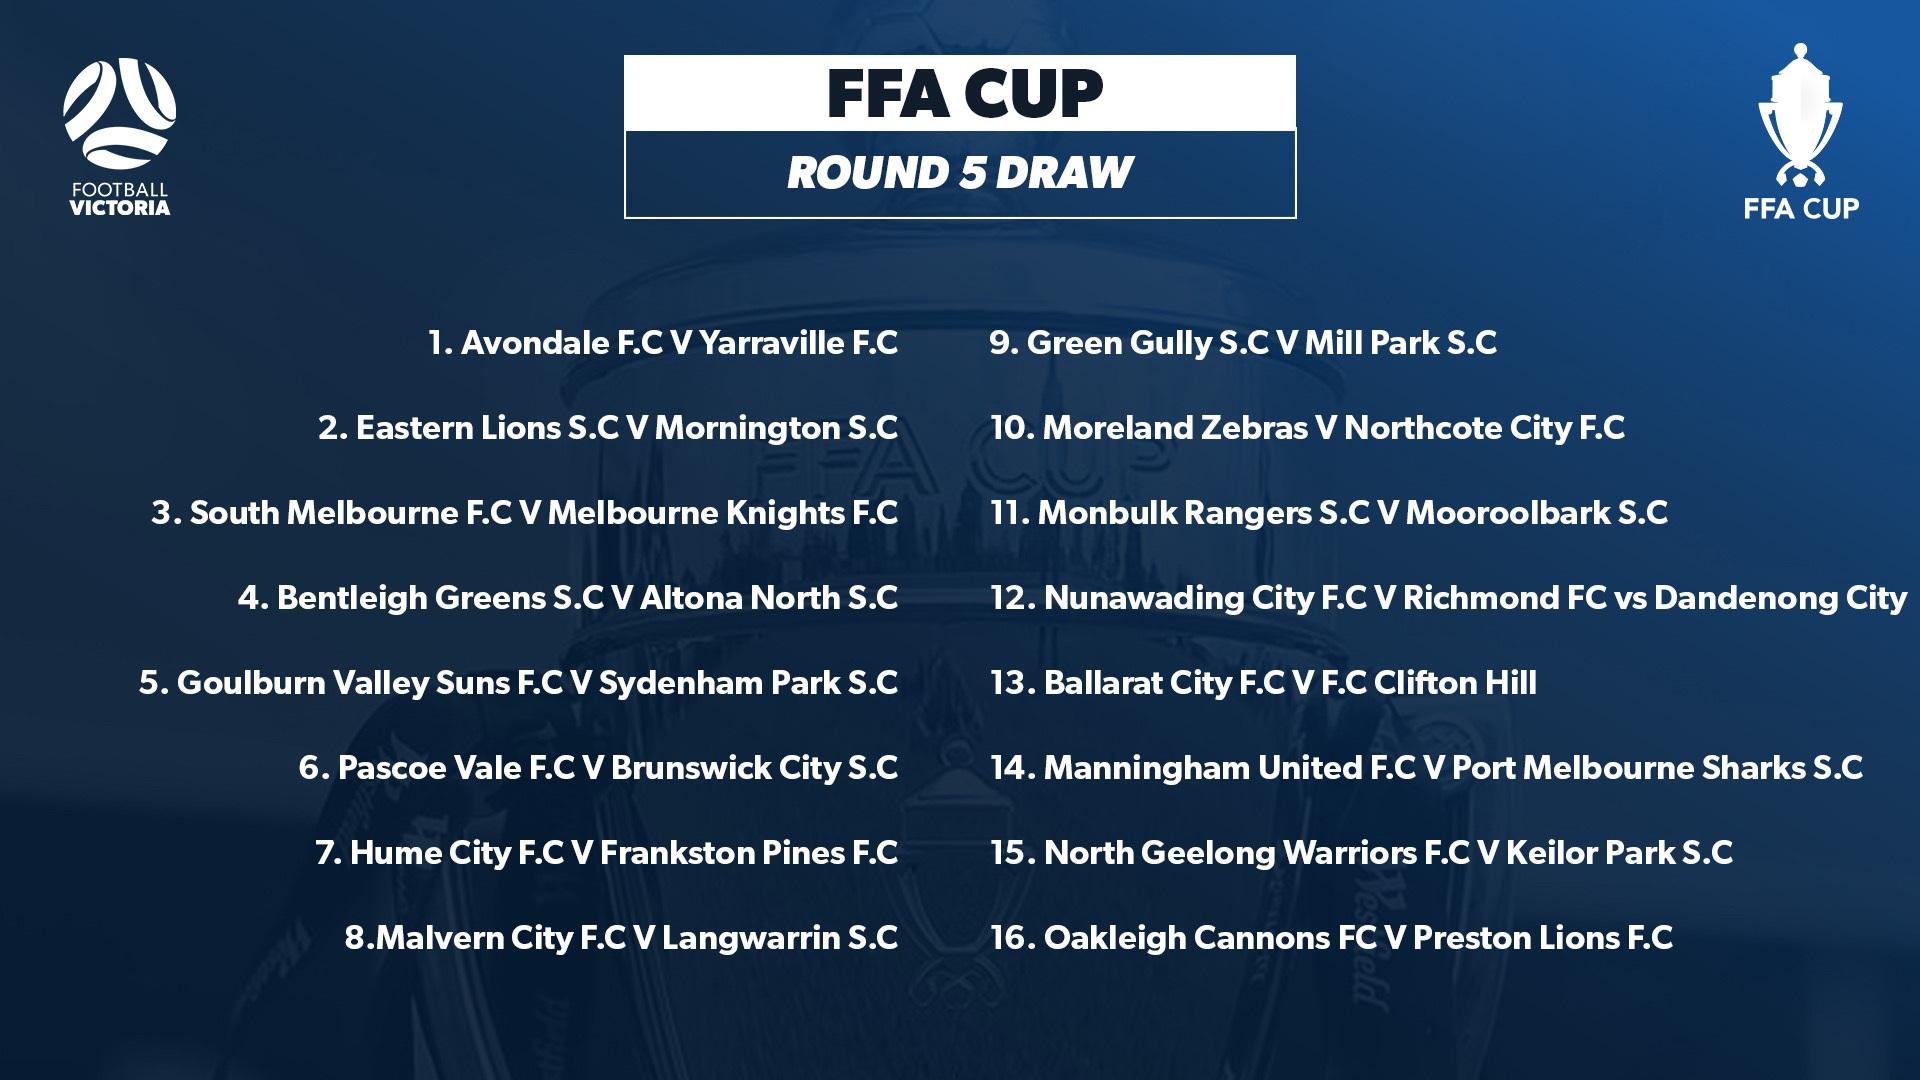 FFA CUP R 5 draw